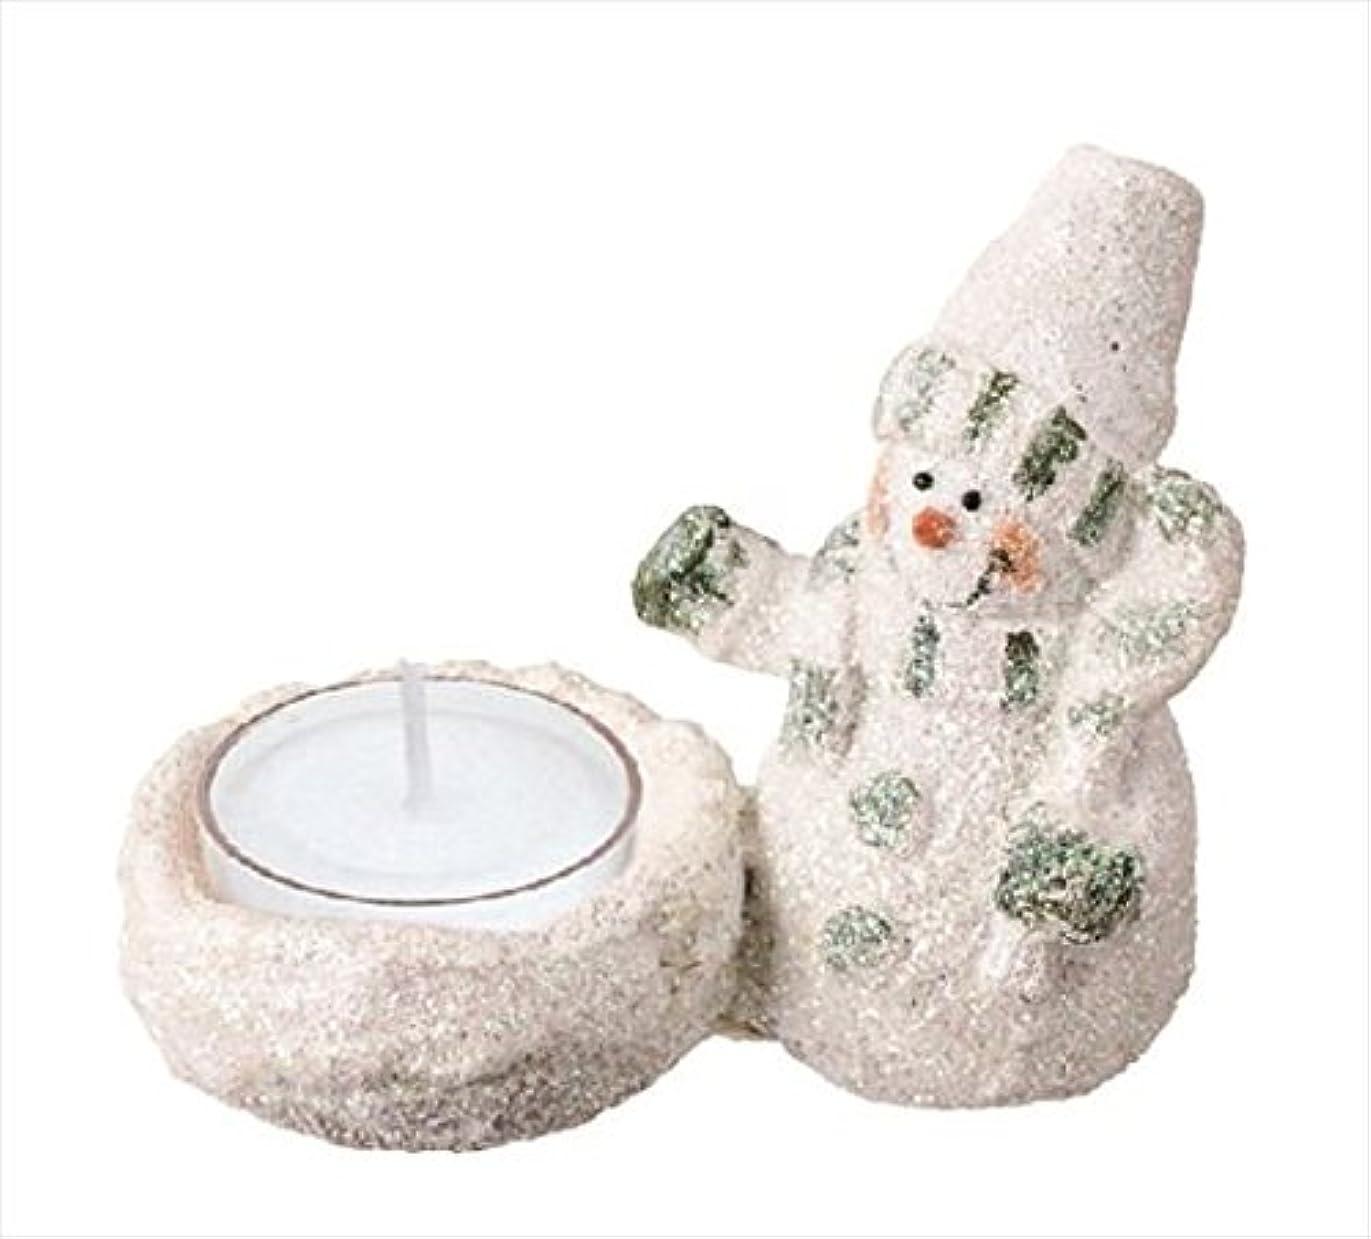 によって旅行者ジョセフバンクスkameyama candle(カメヤマキャンドル) グリッタースノーマンホルダー 「 グリーン 」(J5520000G)